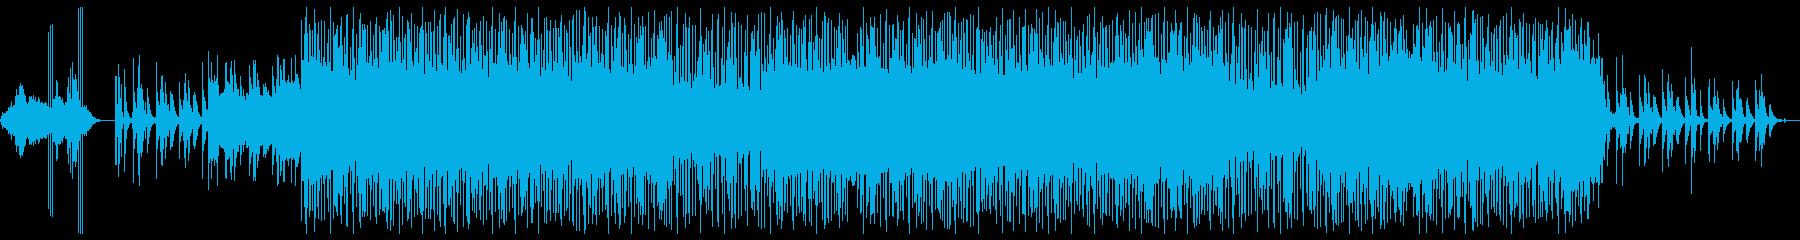 インスピレーションあふれるヒップホ...の再生済みの波形